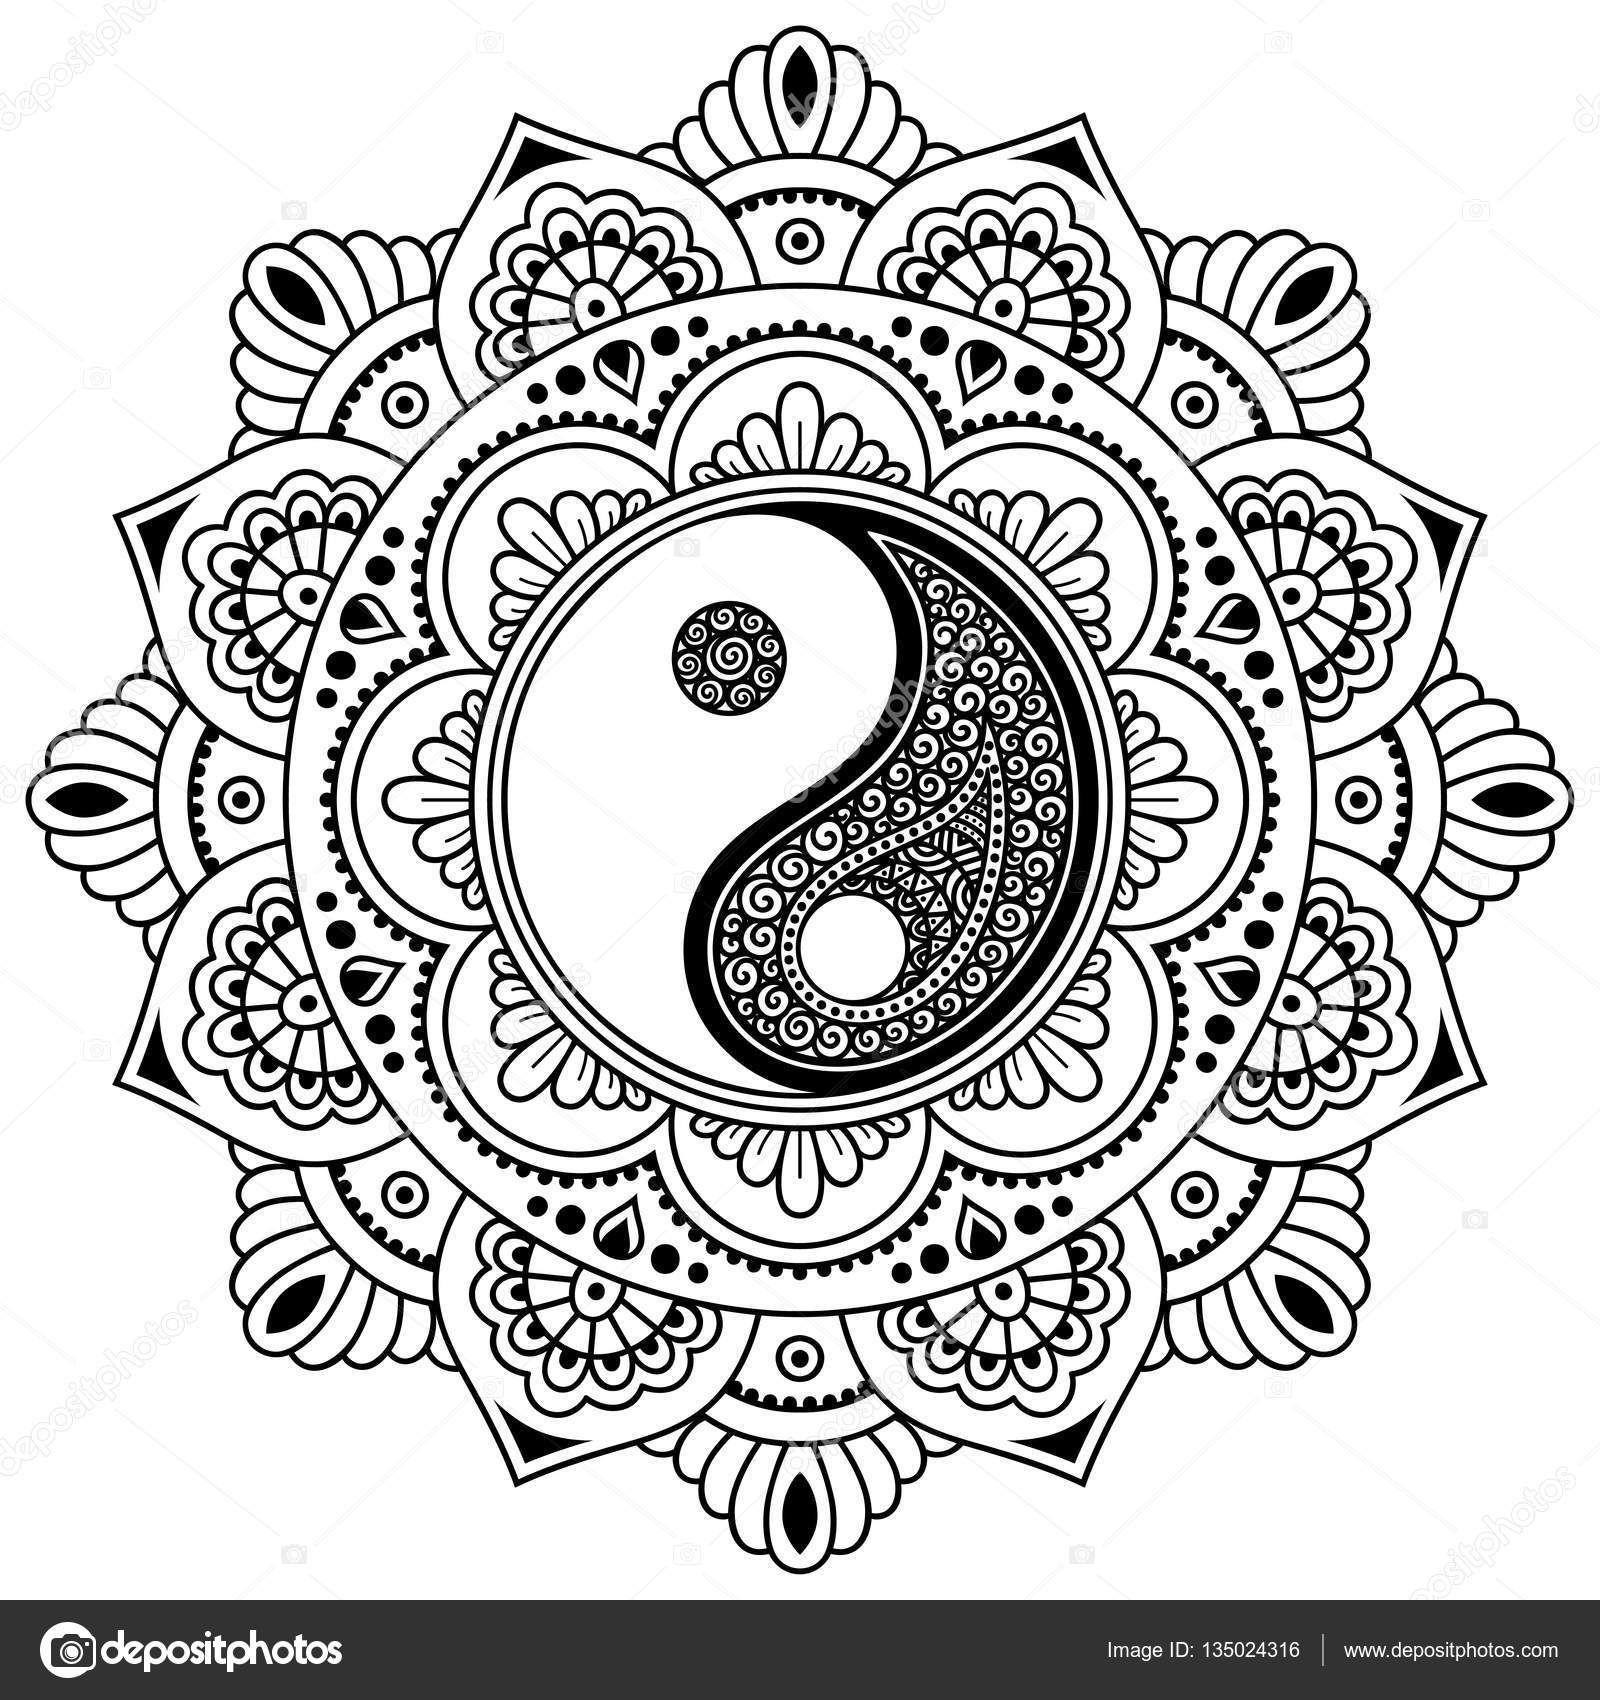 Download Een Rechtenvrije Vector Henna Tattoo Mandala Yin Yang Decoratieve Symbool Mehndi Stijl Mehndi St Mandala Kleurplaten Mandala Art Mandala Tekeningen